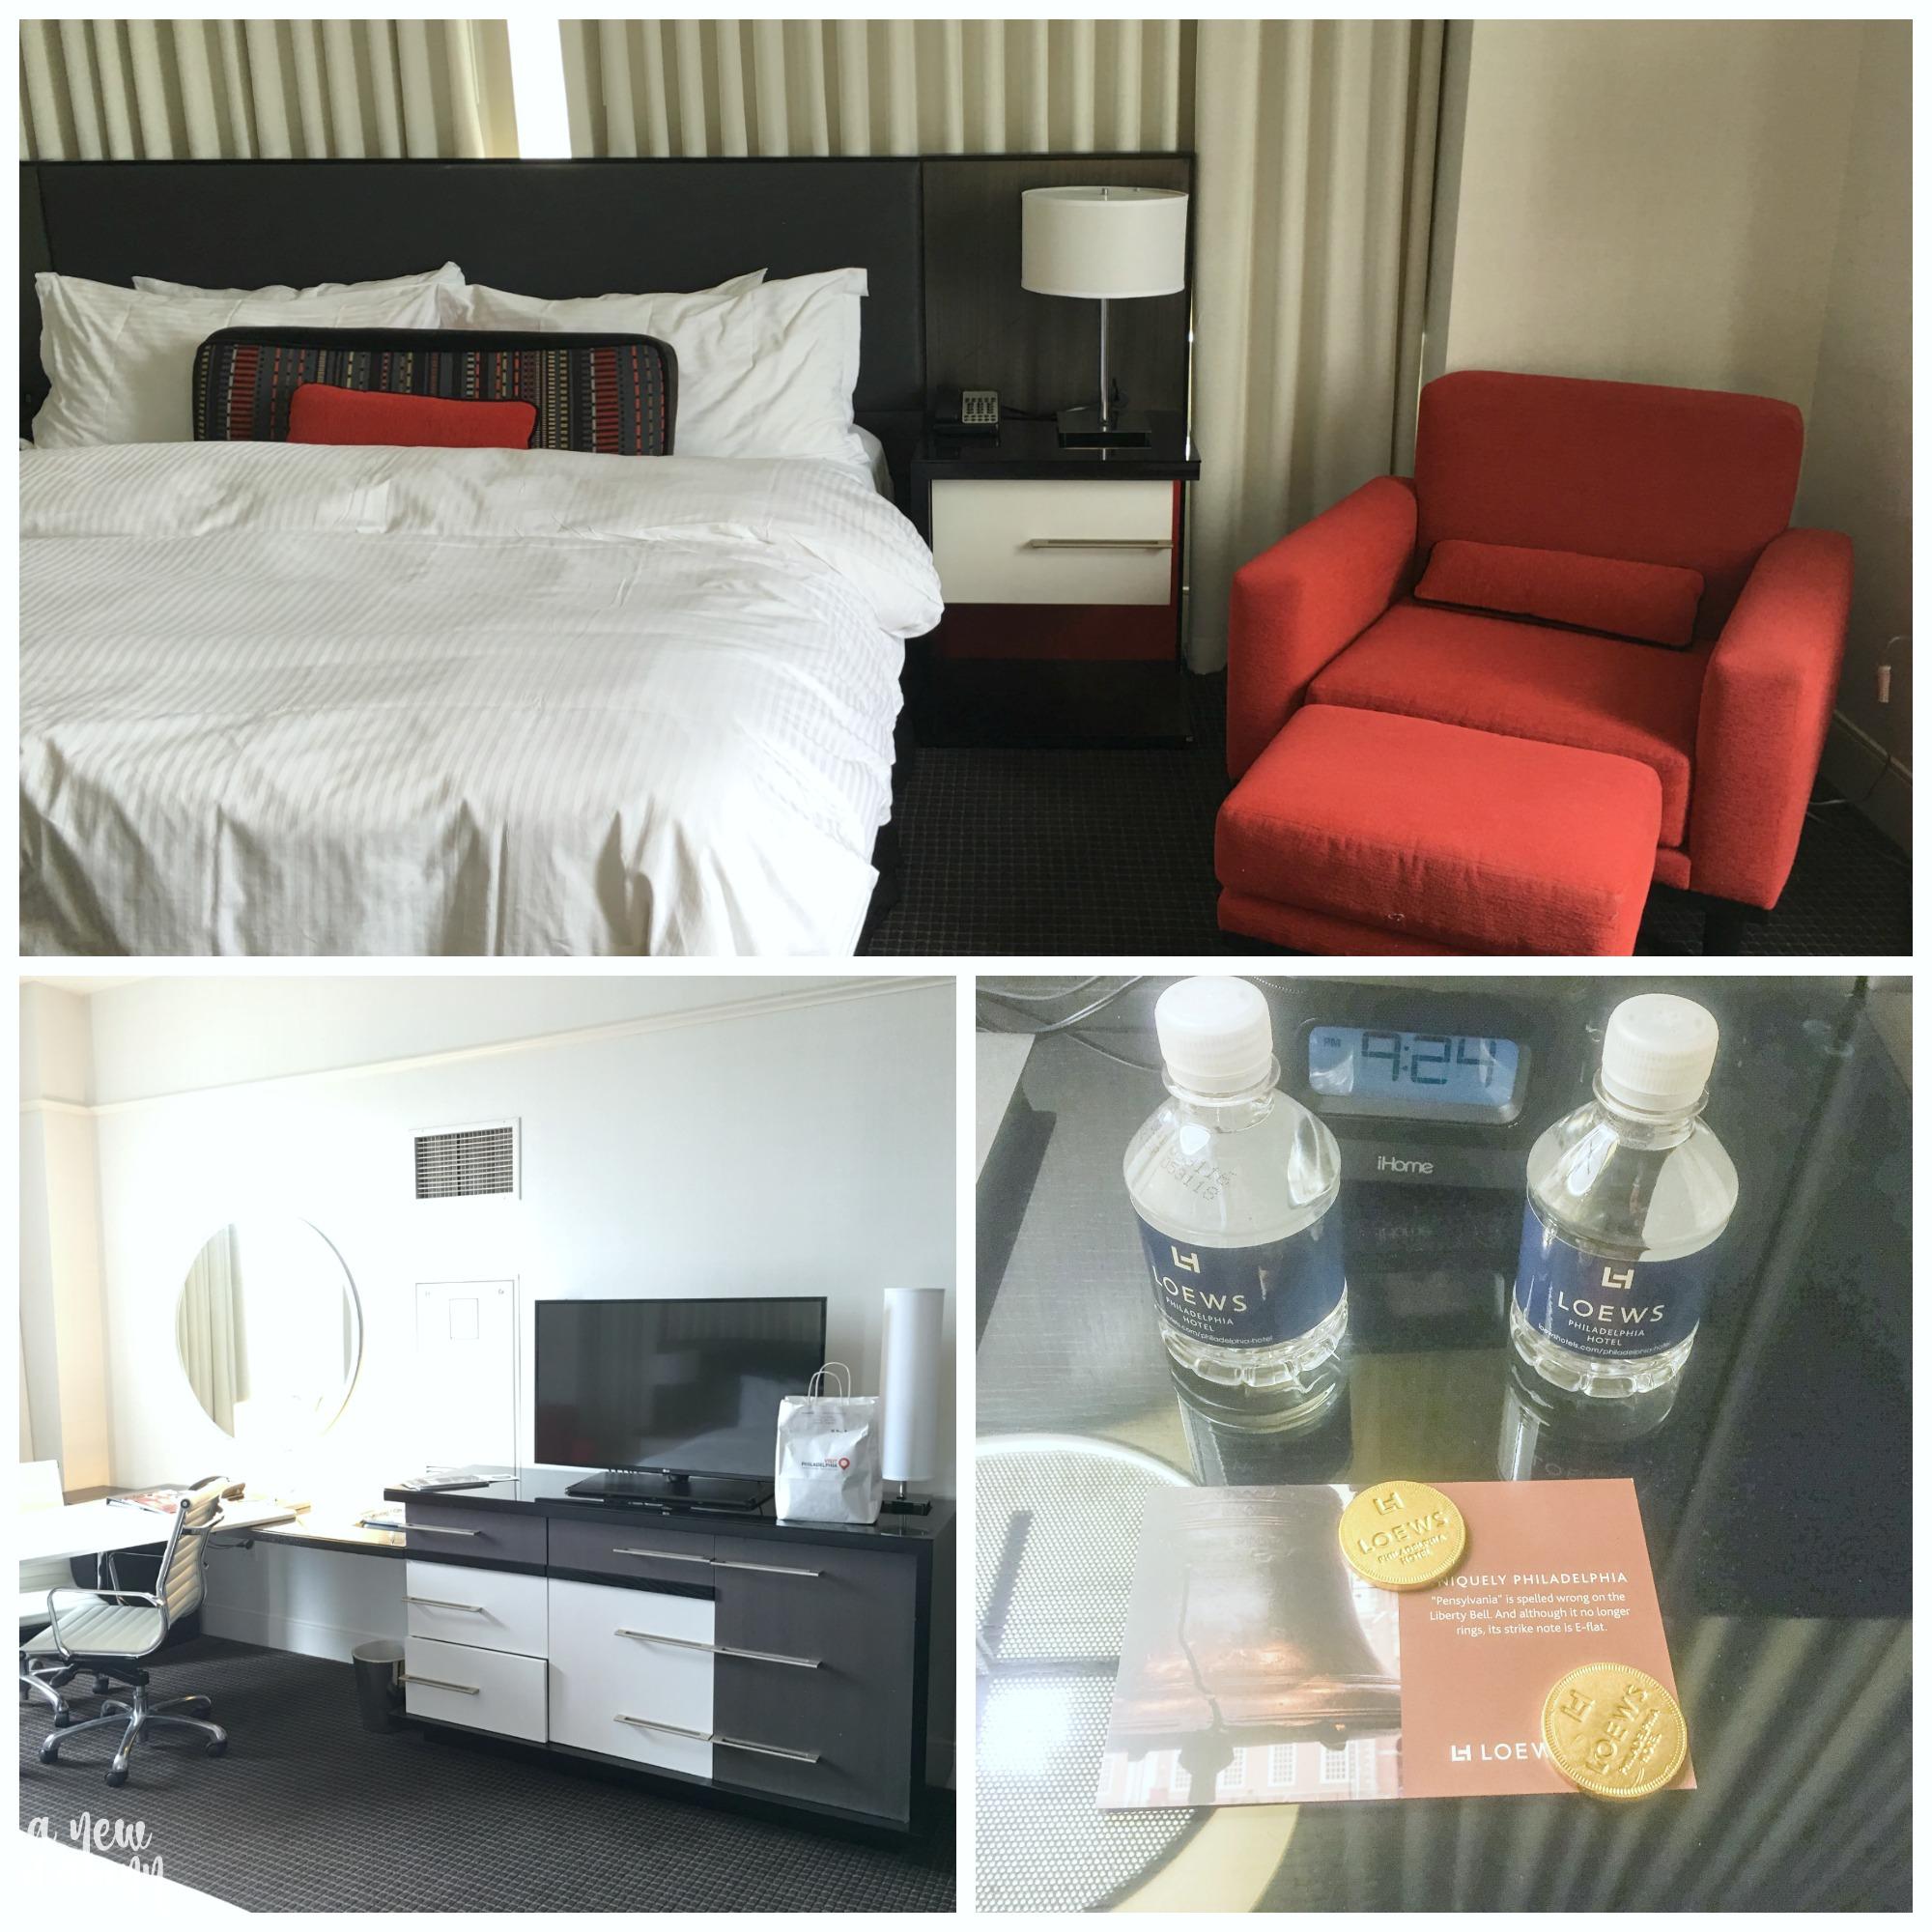 Loews-hotel-philadelphia